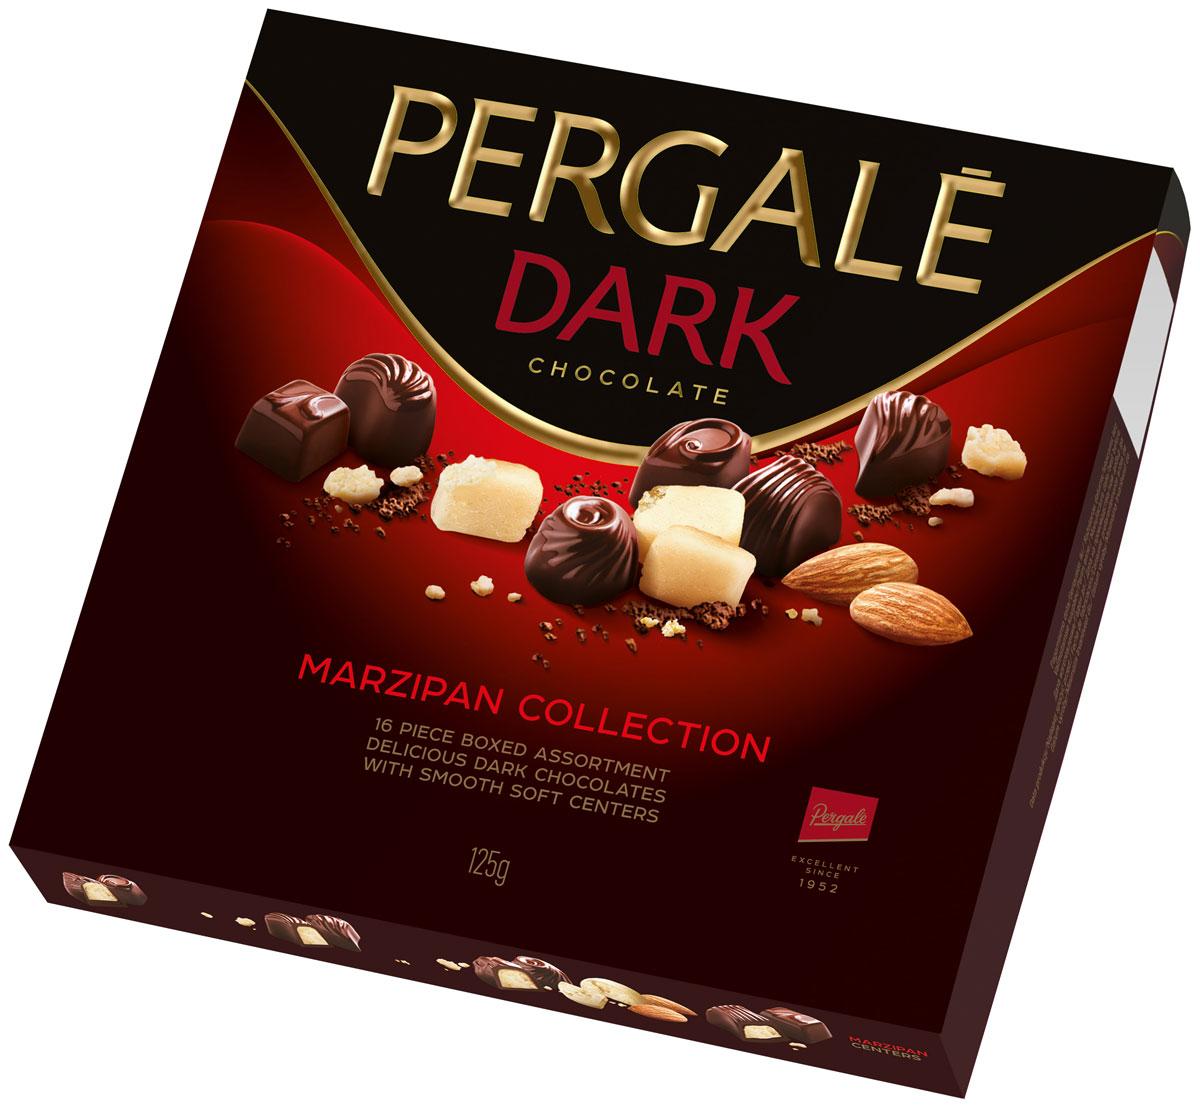 Pergale Набор конфет марципановая коллекция, 125 г набор конфет pergale dark розы ассорти 382г